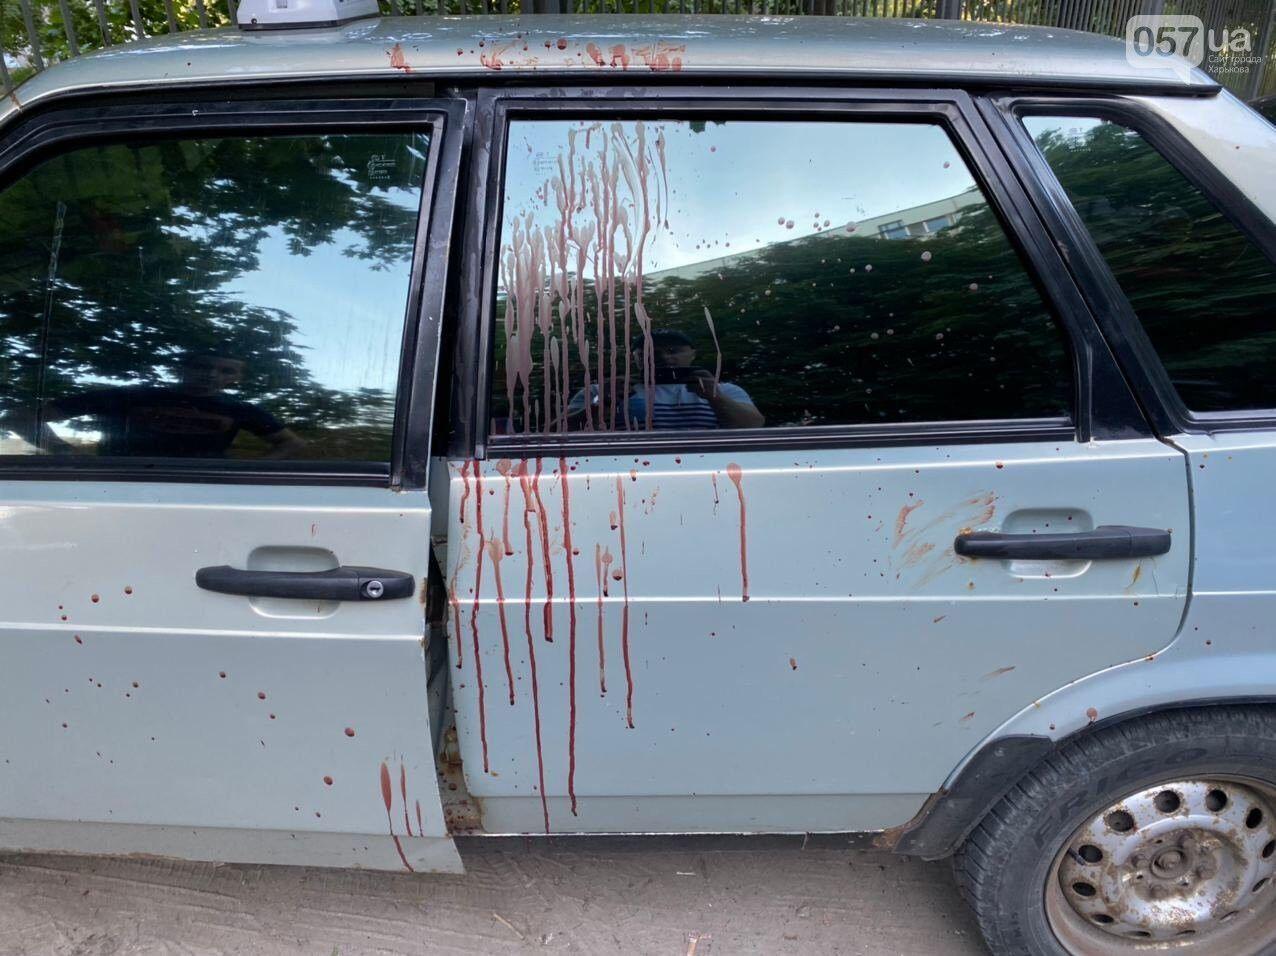 На машині видно патьоки крові.